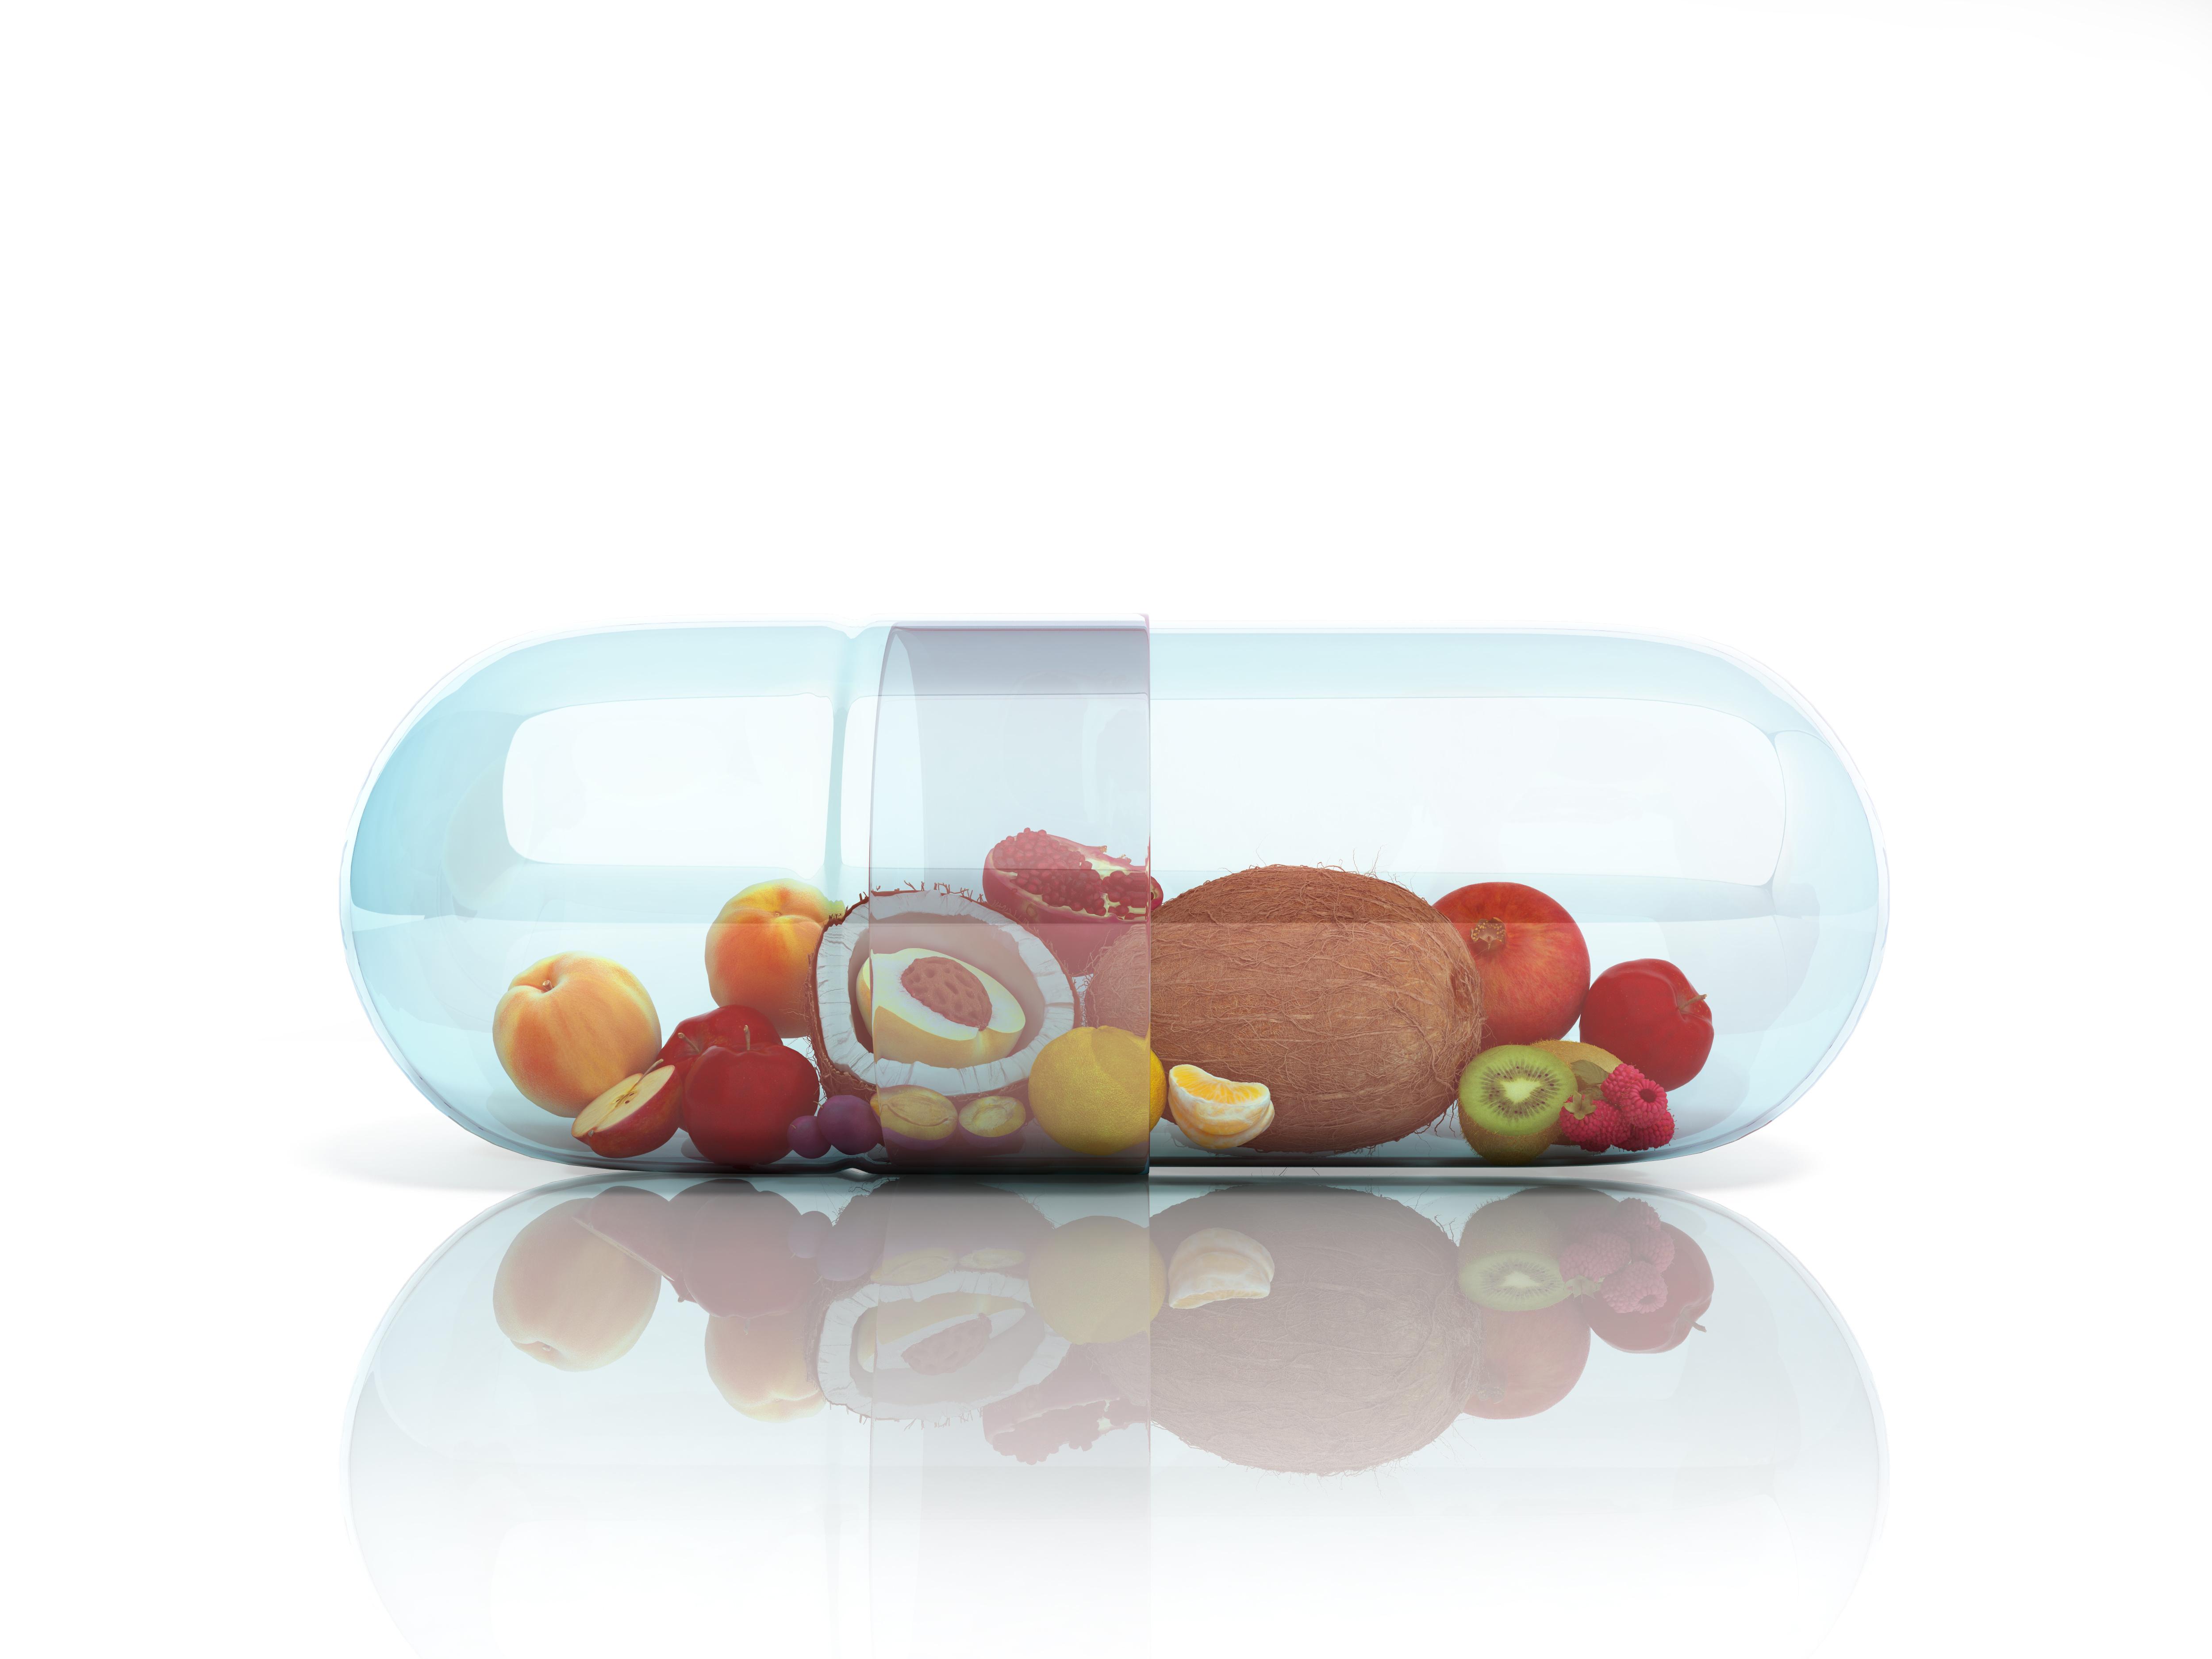 Vitamine in gravidanza e autismo